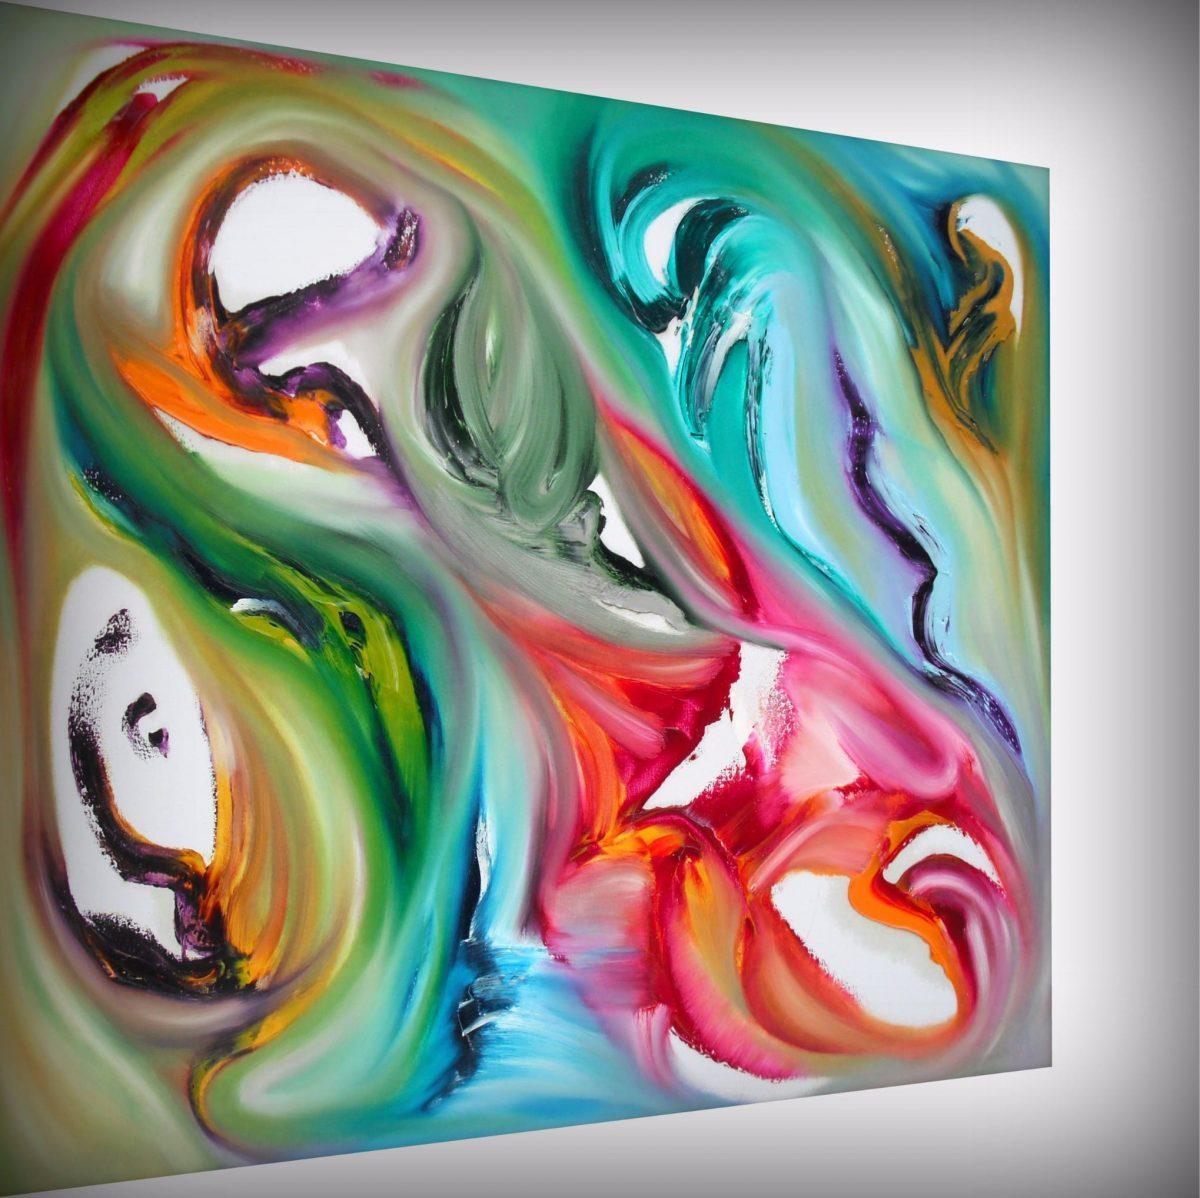 Infinity, quadro 04